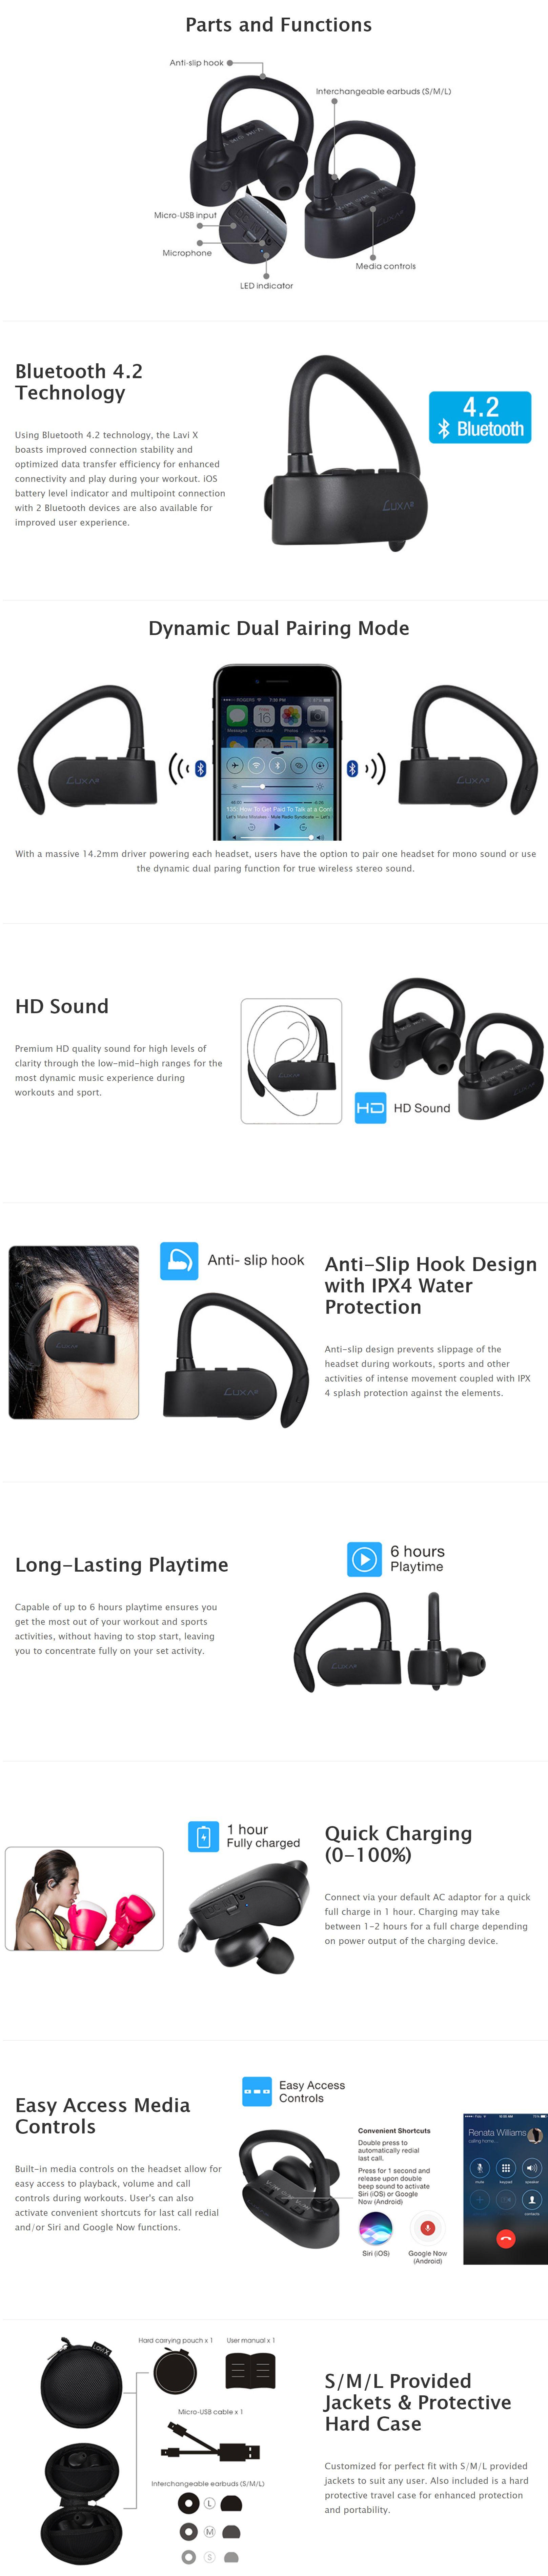 #1549 - 'LUXA2-Lavi X Sports Wireless Earbud Headset' - www_luxa.jpg